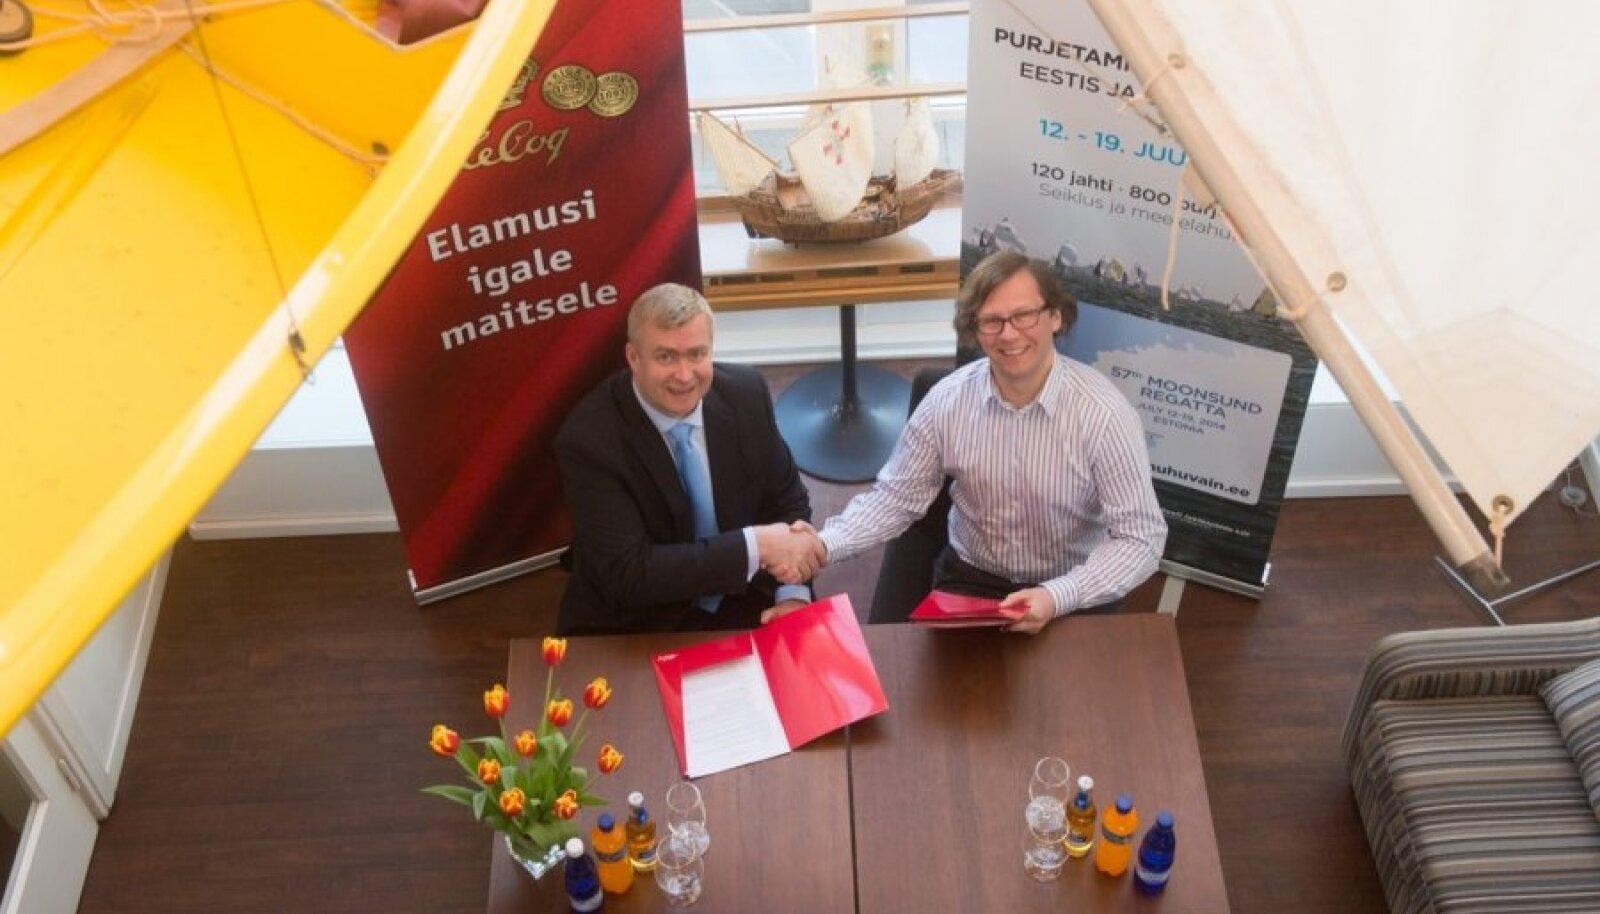 Muhu Väina regati sponsorlepingu allkirjastamine